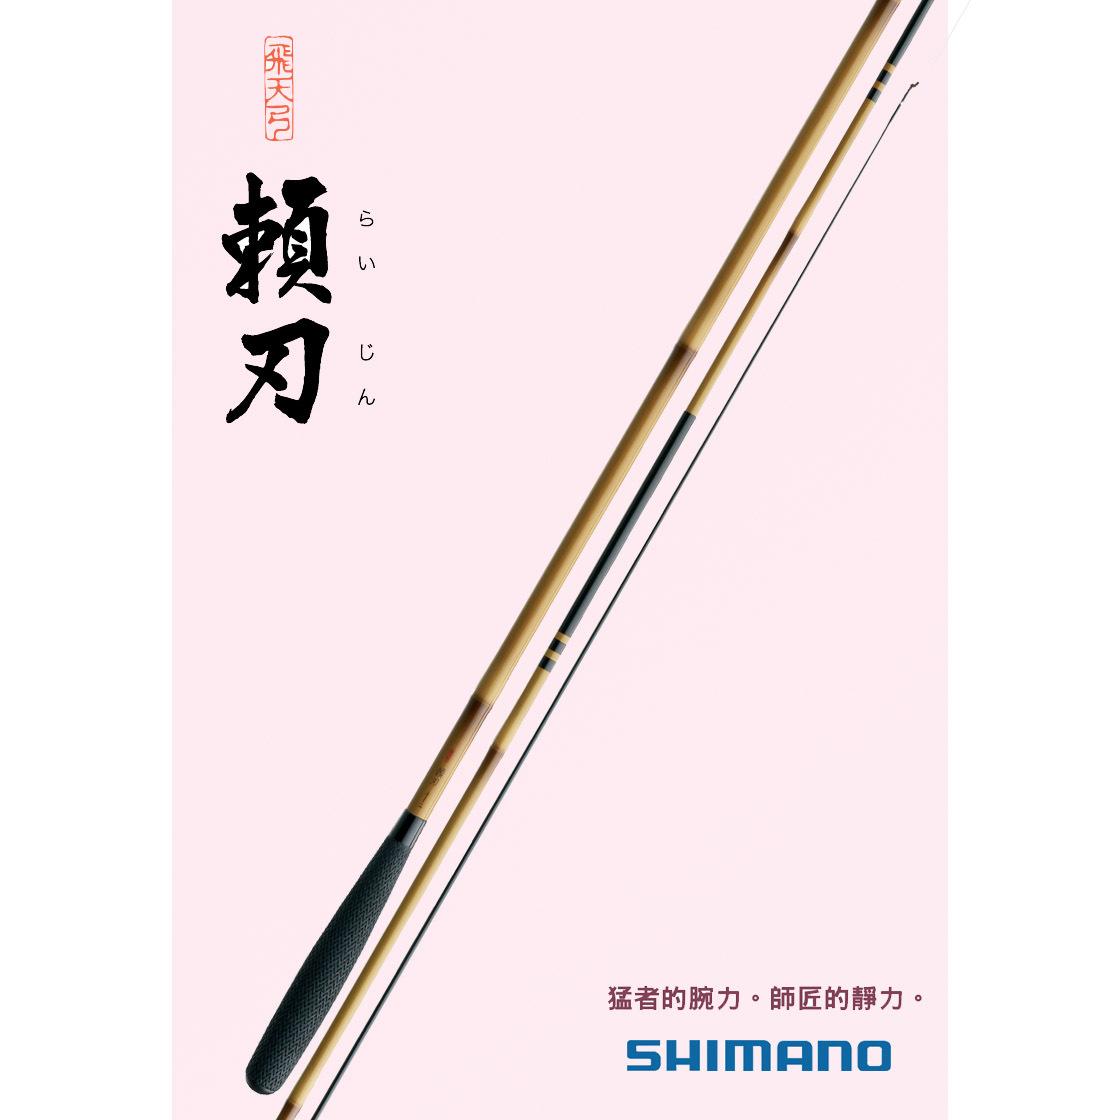 удочка SHIMANO 4.5 SHIMANO / Shimano Япония